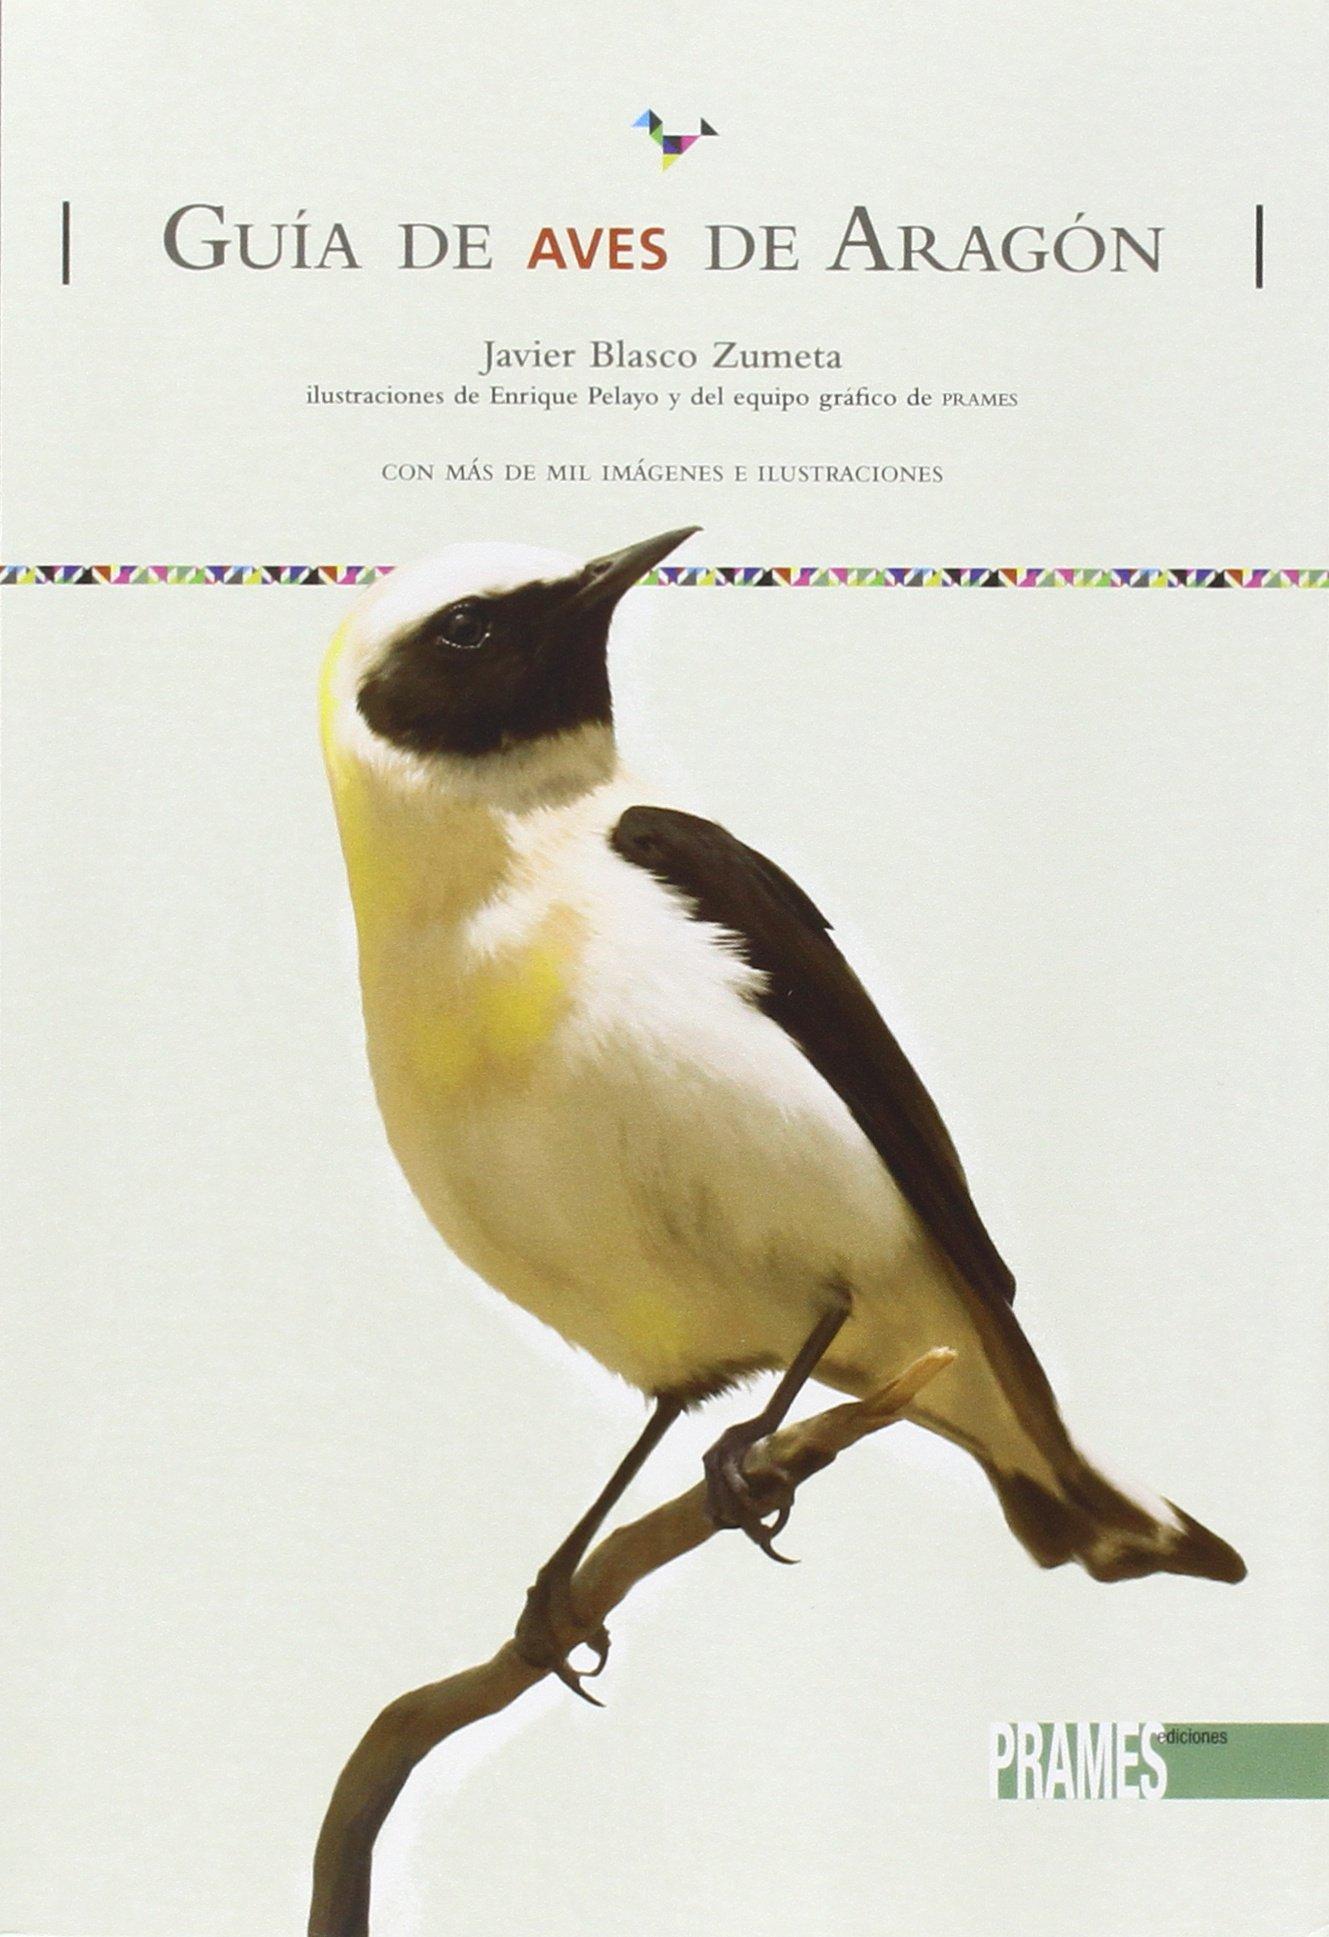 Guía De Aves De Aragón: Amazon.es: Javier Blasco Zumeta, Javier Blasco Zumeta: Libros